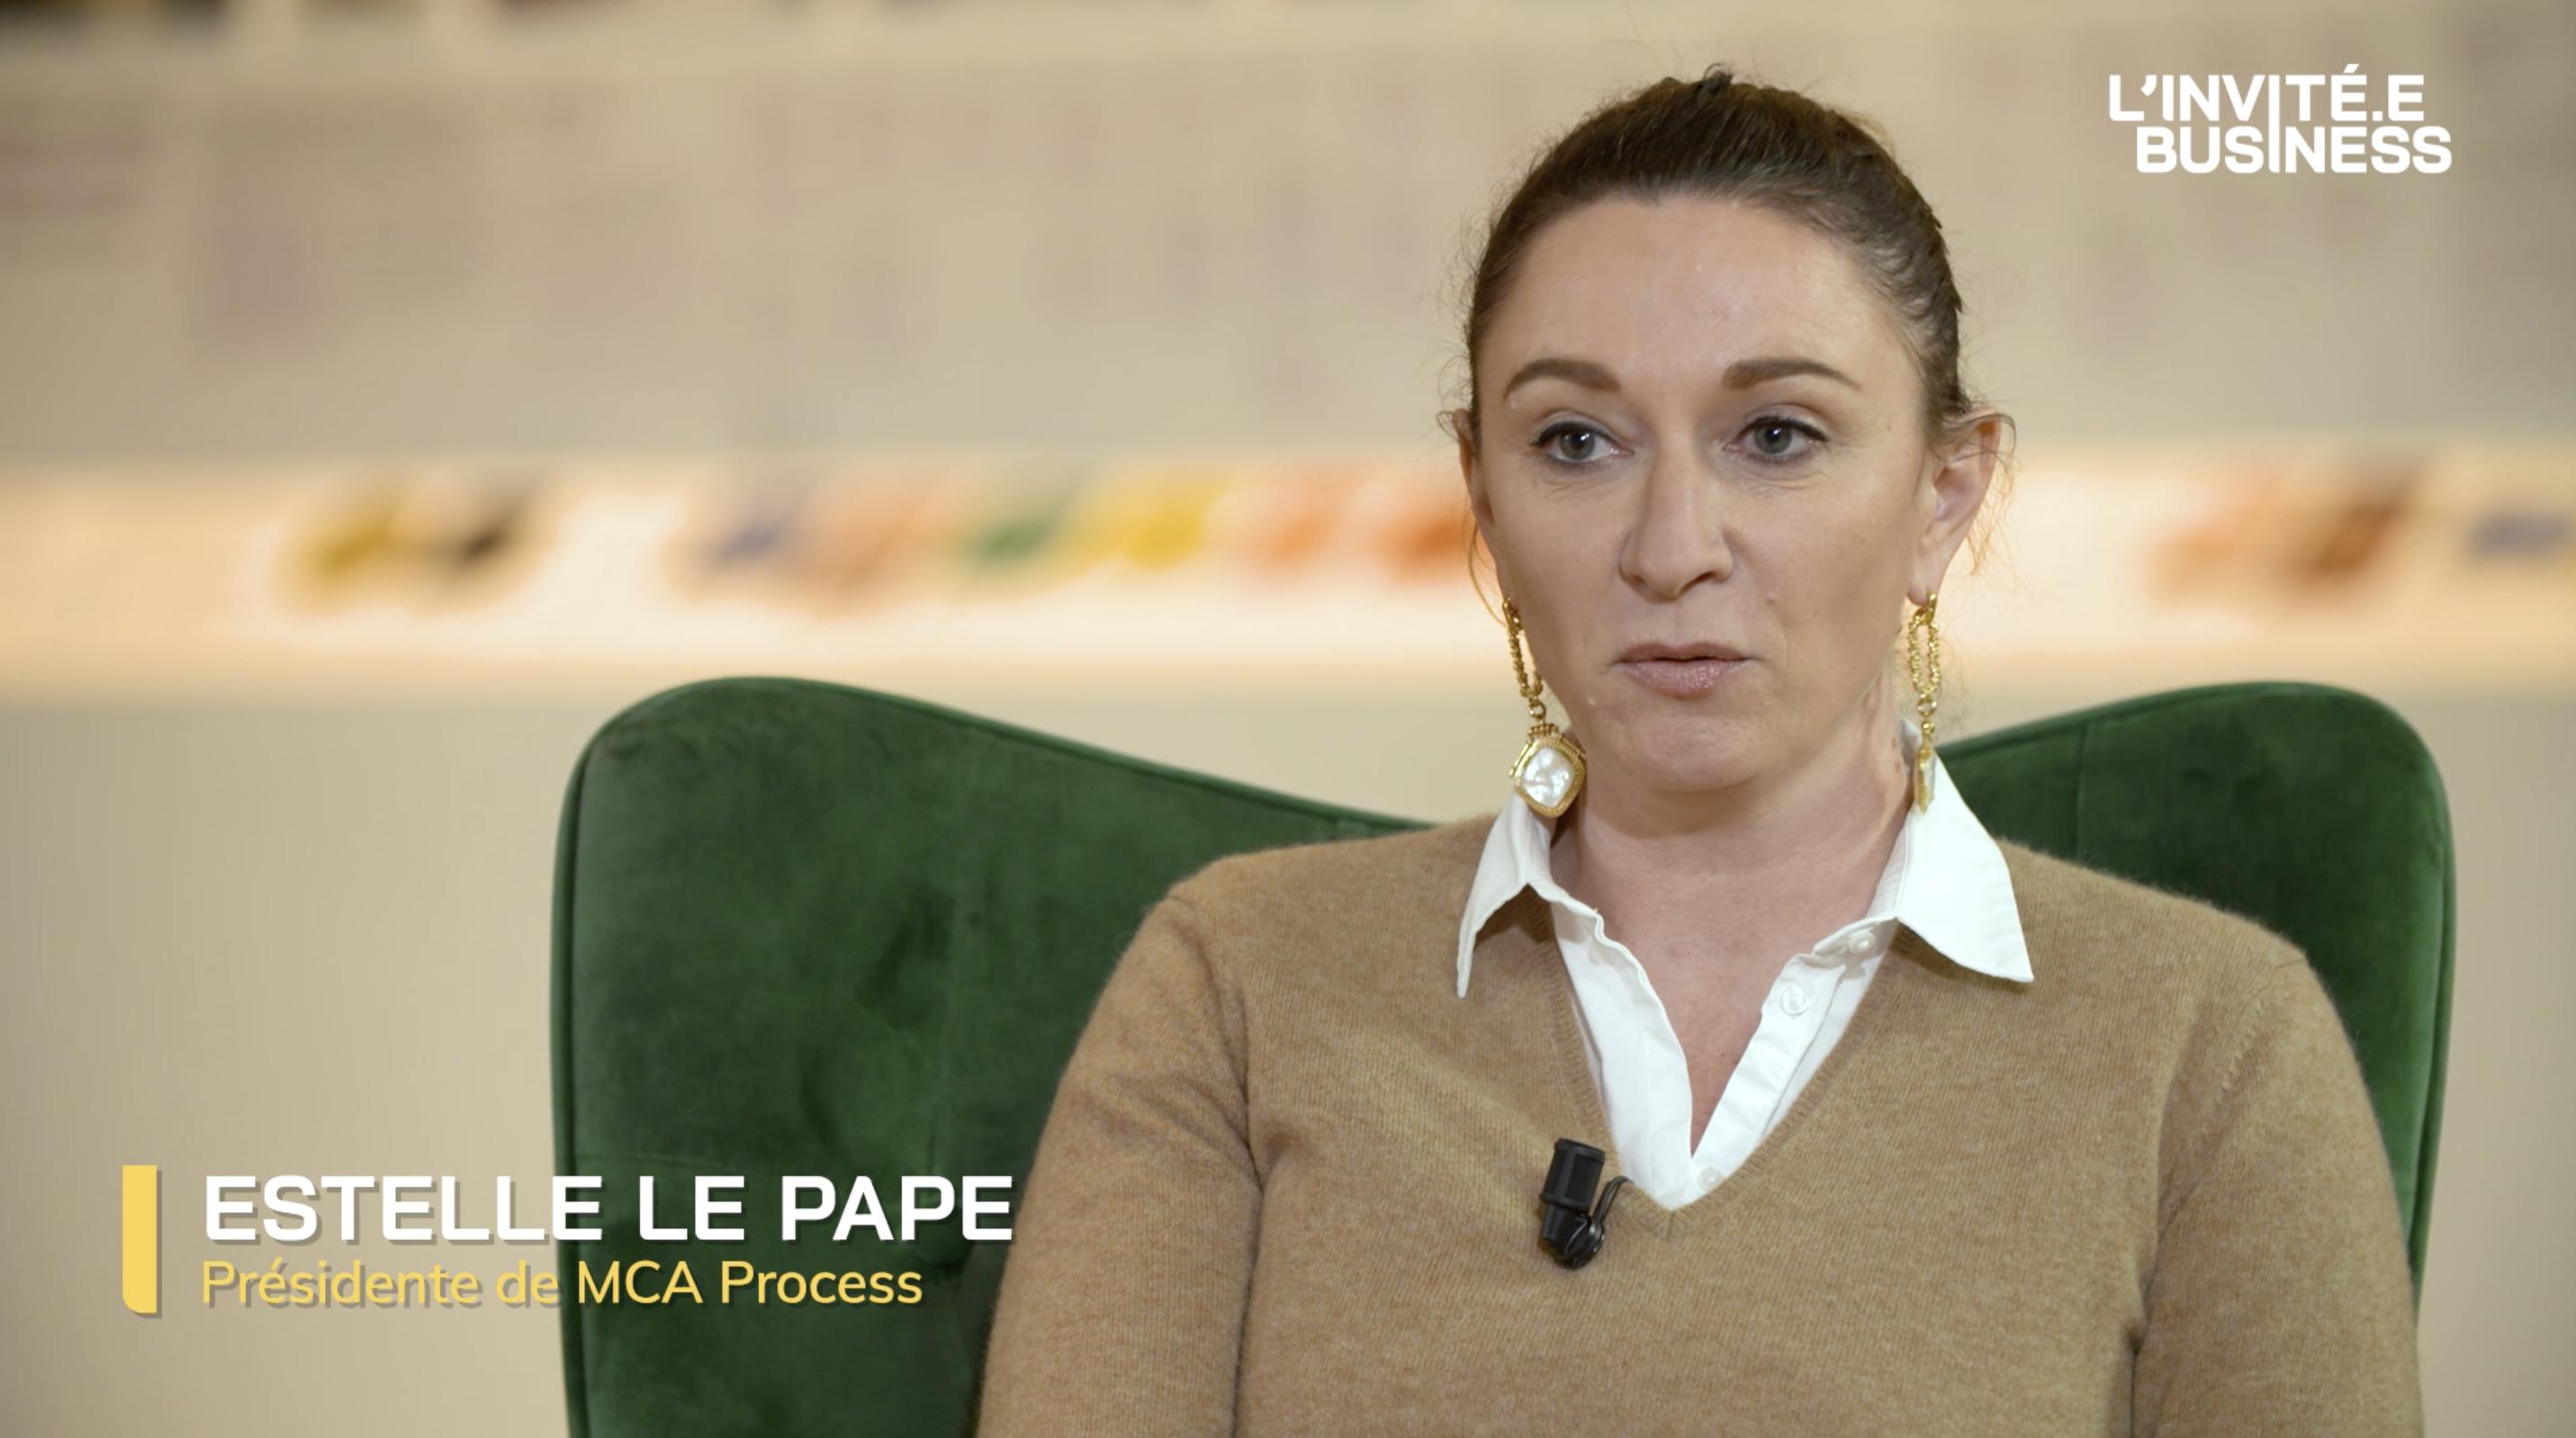 Estelle Le Pape, Présidente de MCA PROCESS